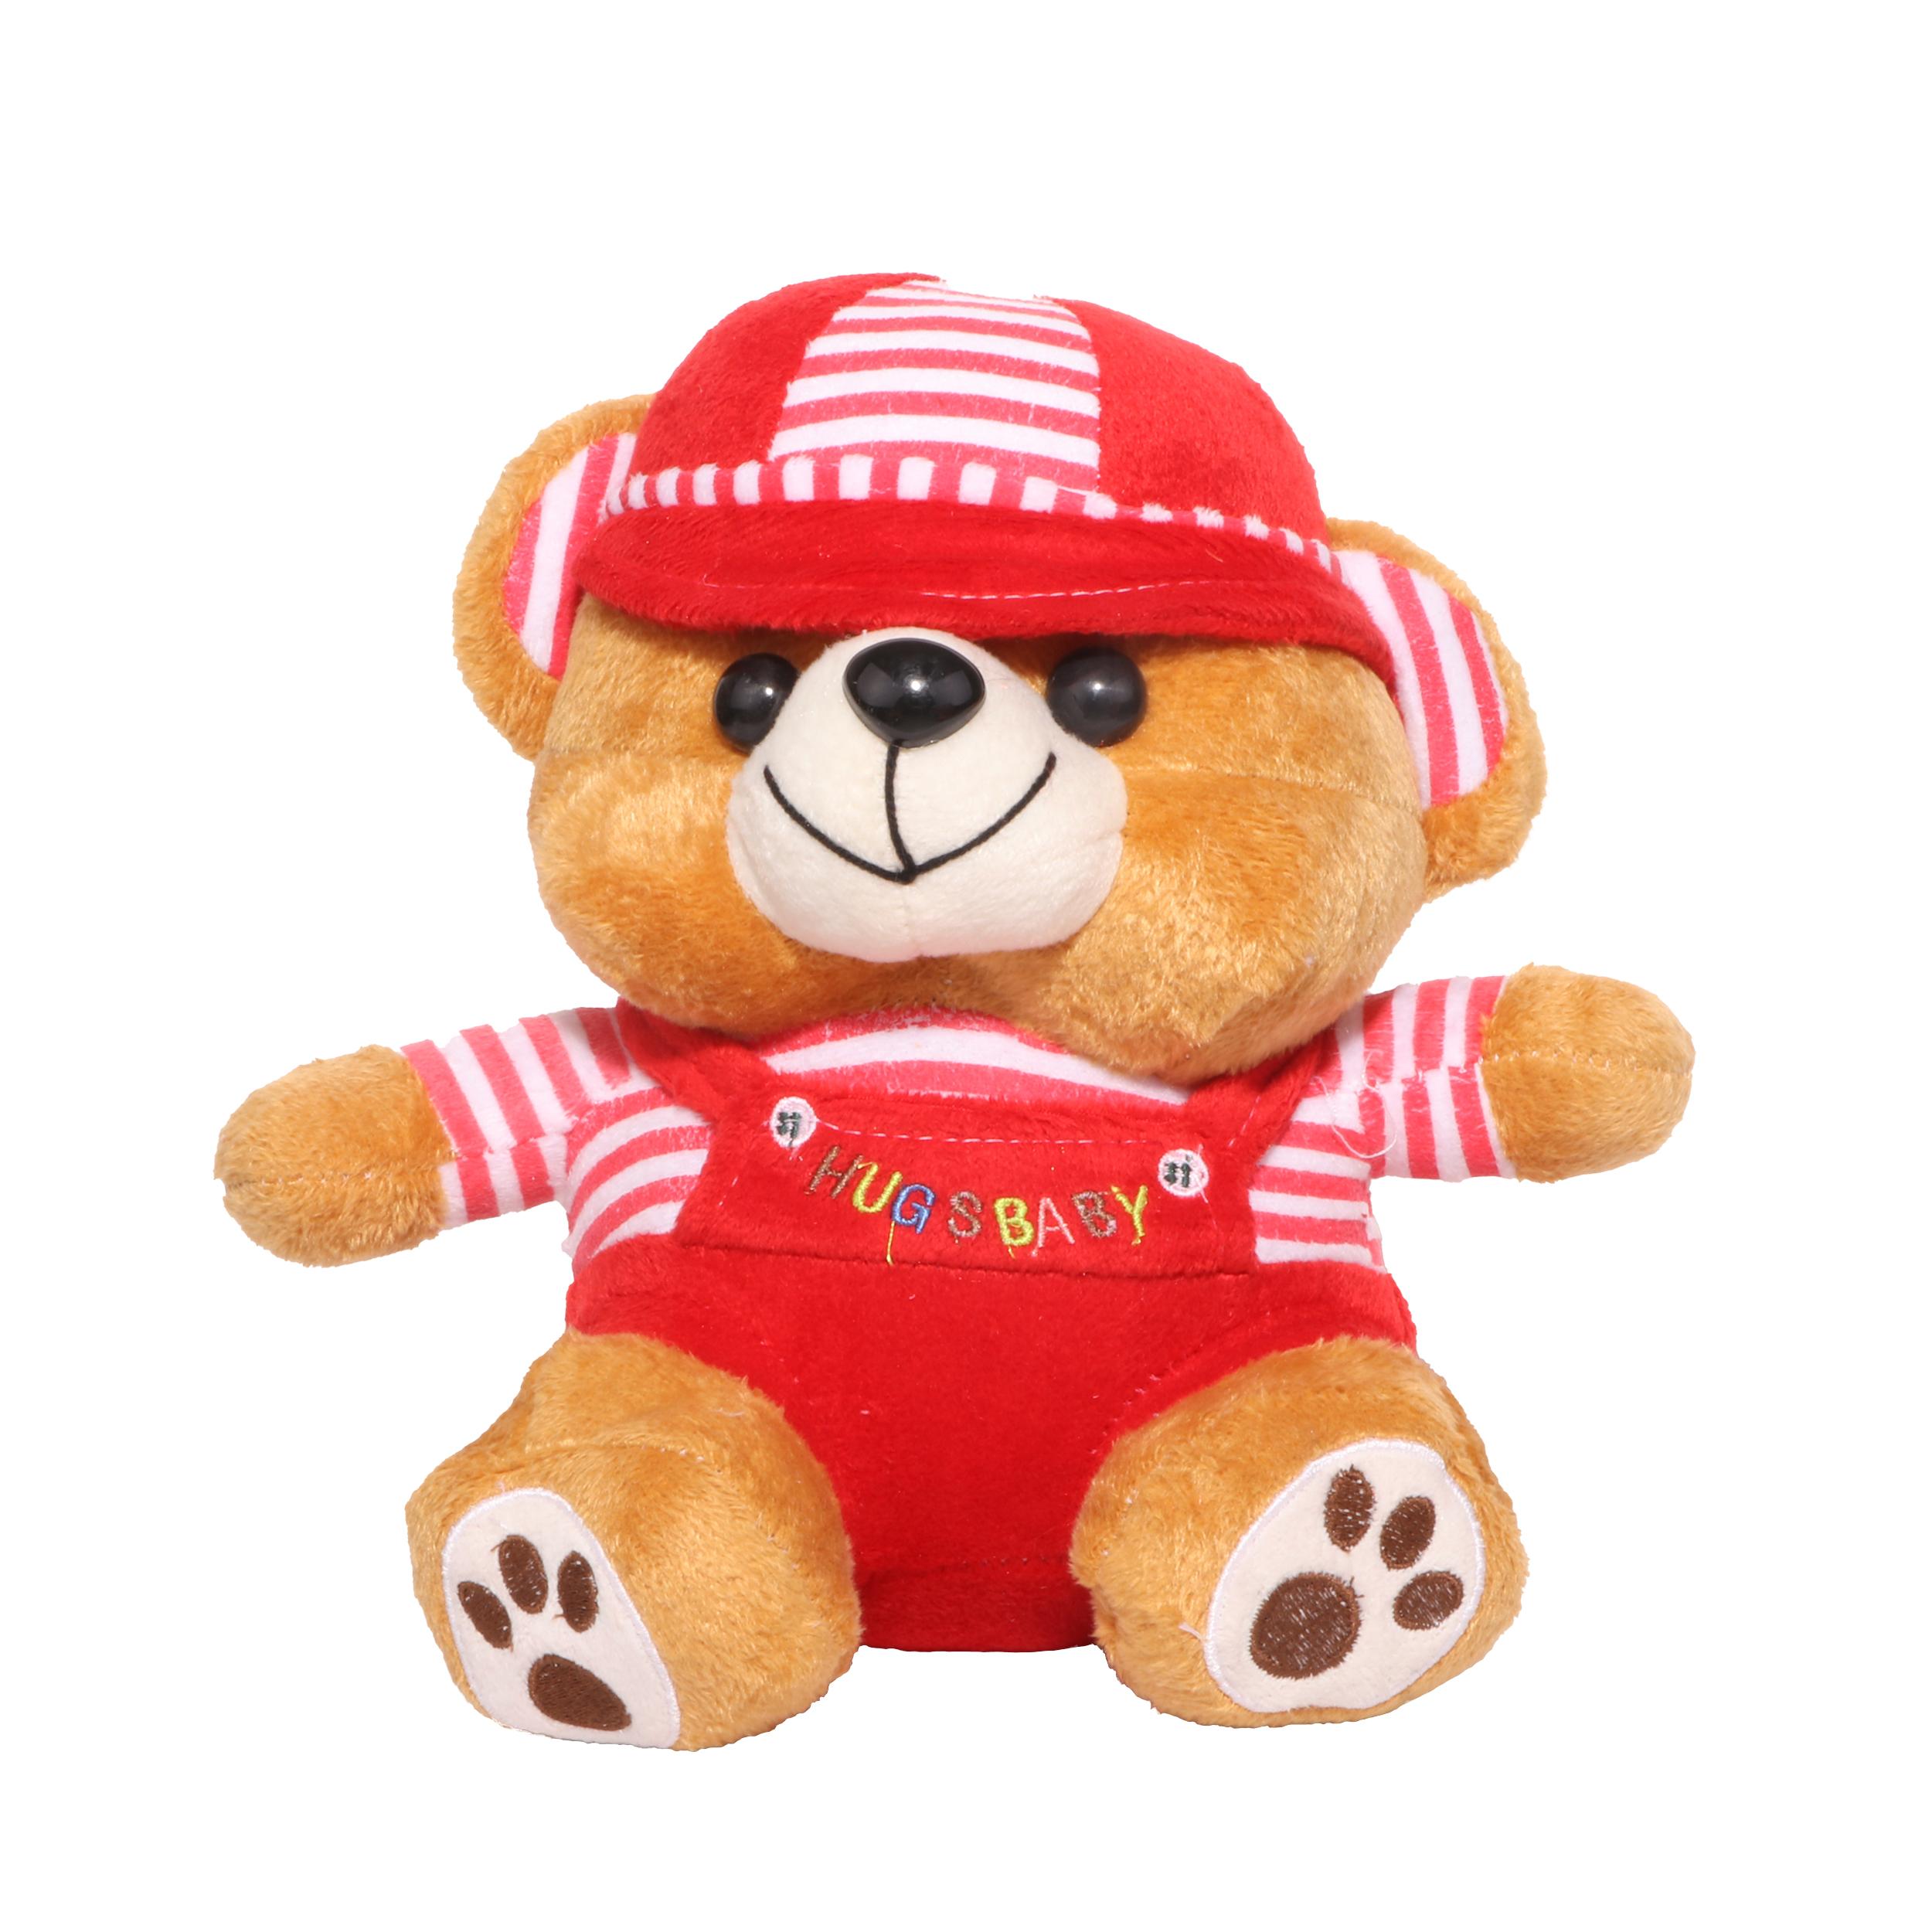 عروسک طرح خرس هوگز بیبی ارتفاع 24 سانتیمتر